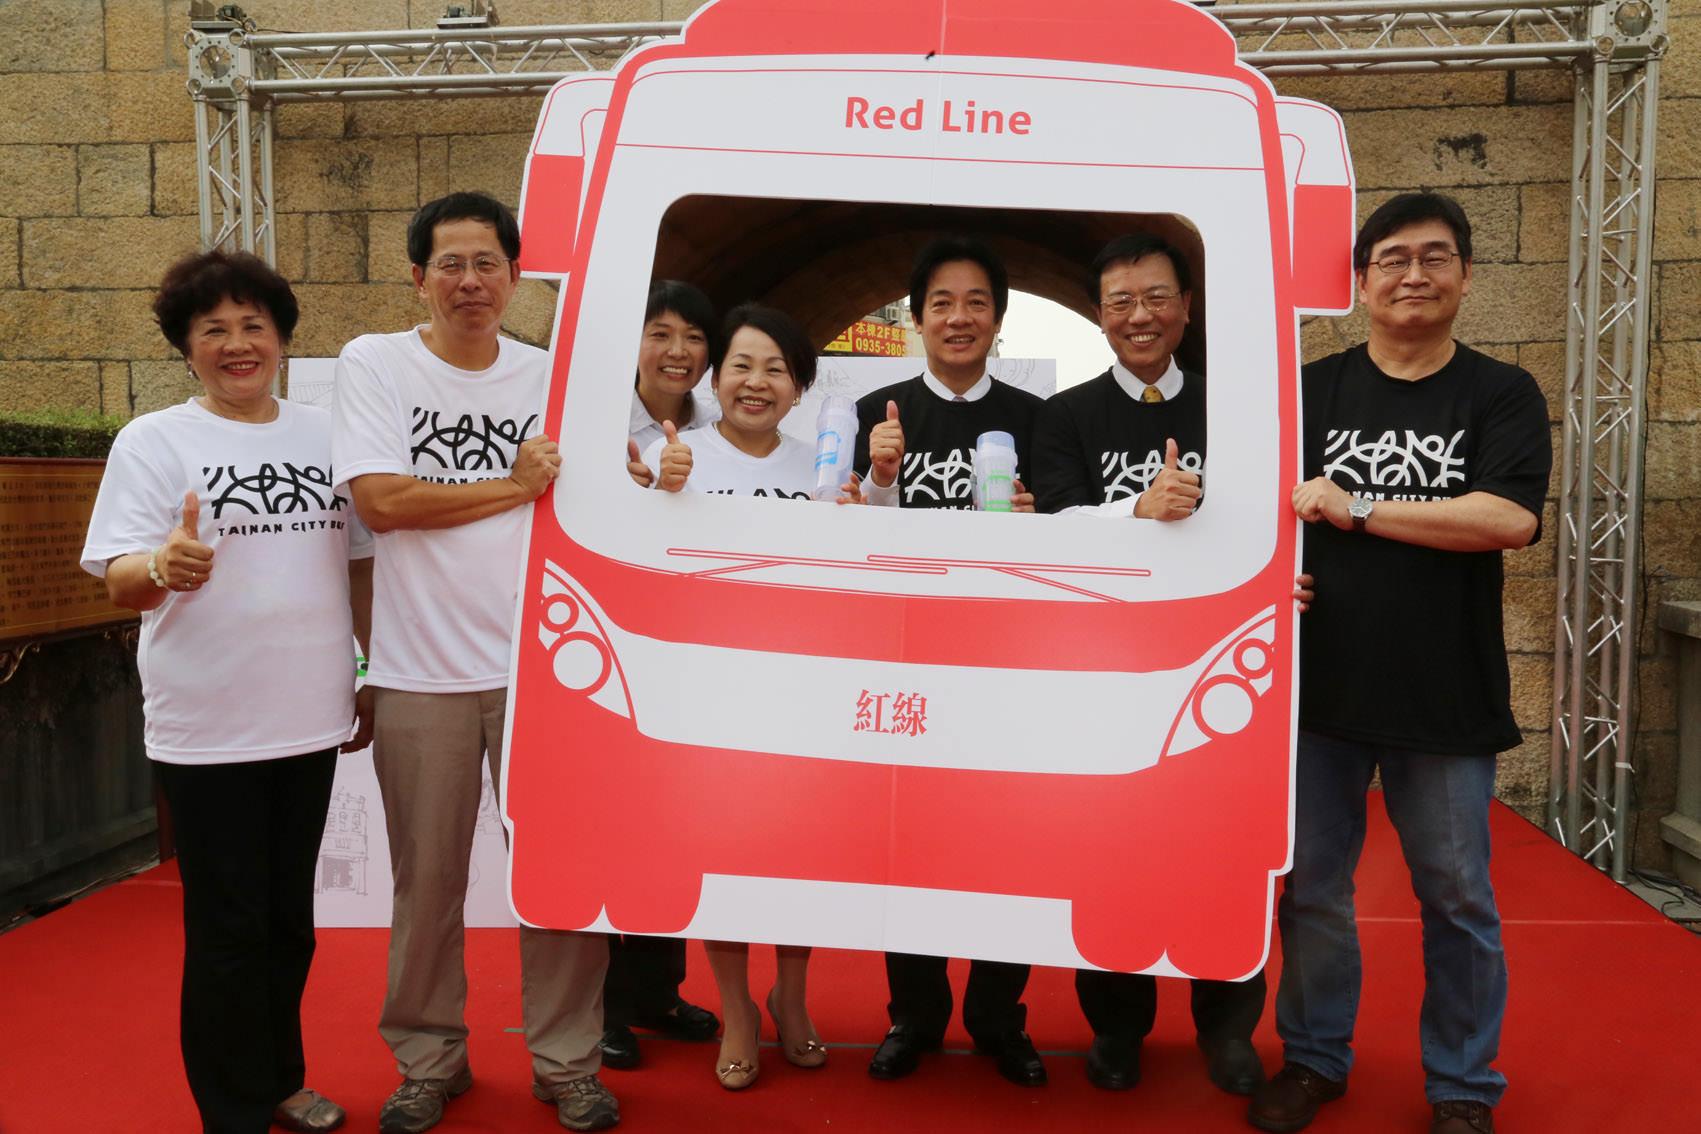 幹線公車主題路線宣傳摺頁發表記者會-摺頁在手搭公車深度旅遊大臺南